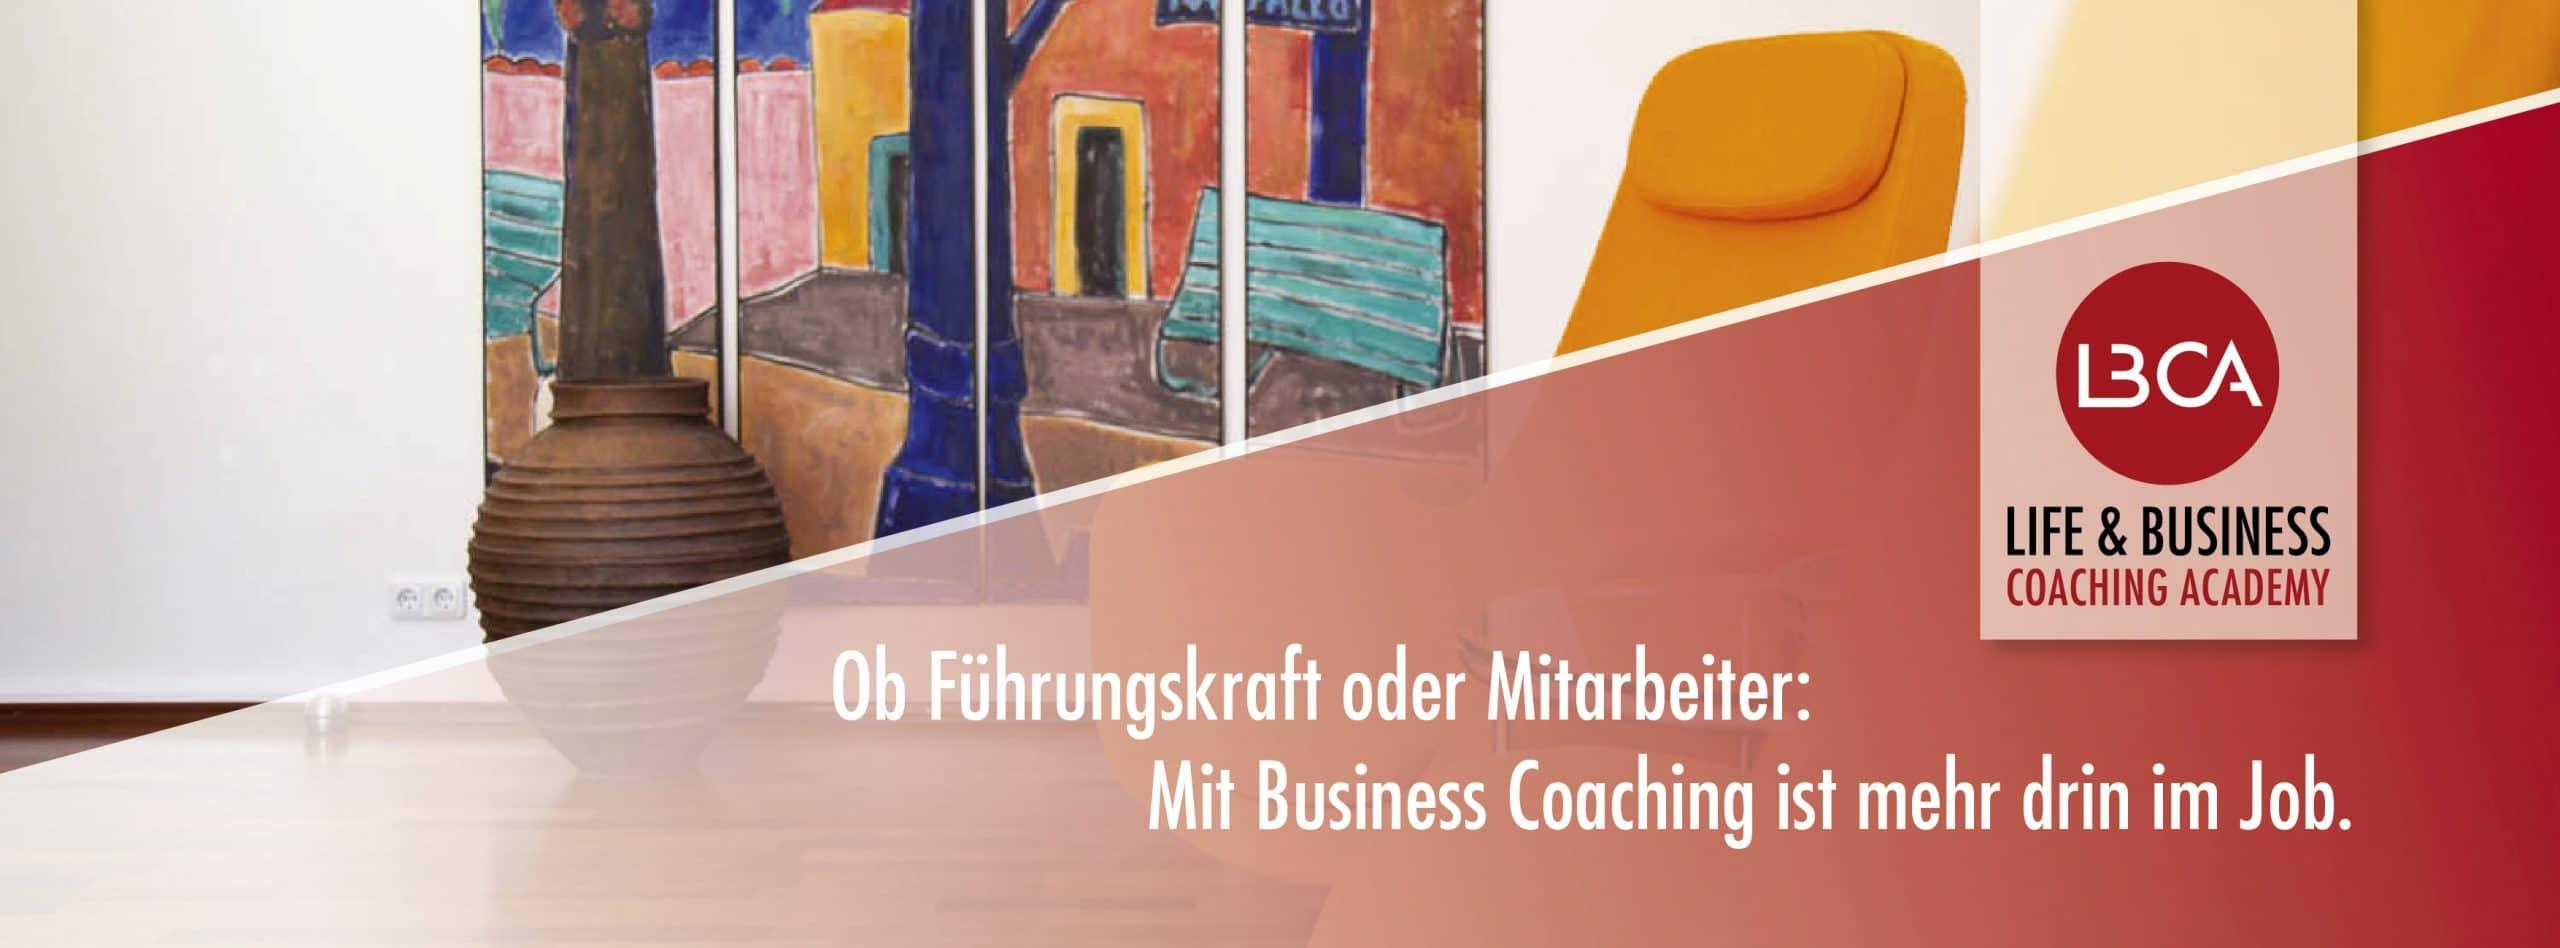 Neue Chancen und neue Potenziale mit Coaching Ausbildungen.Business Coach werden und Neues entdecken bzw. Potentiale fördern